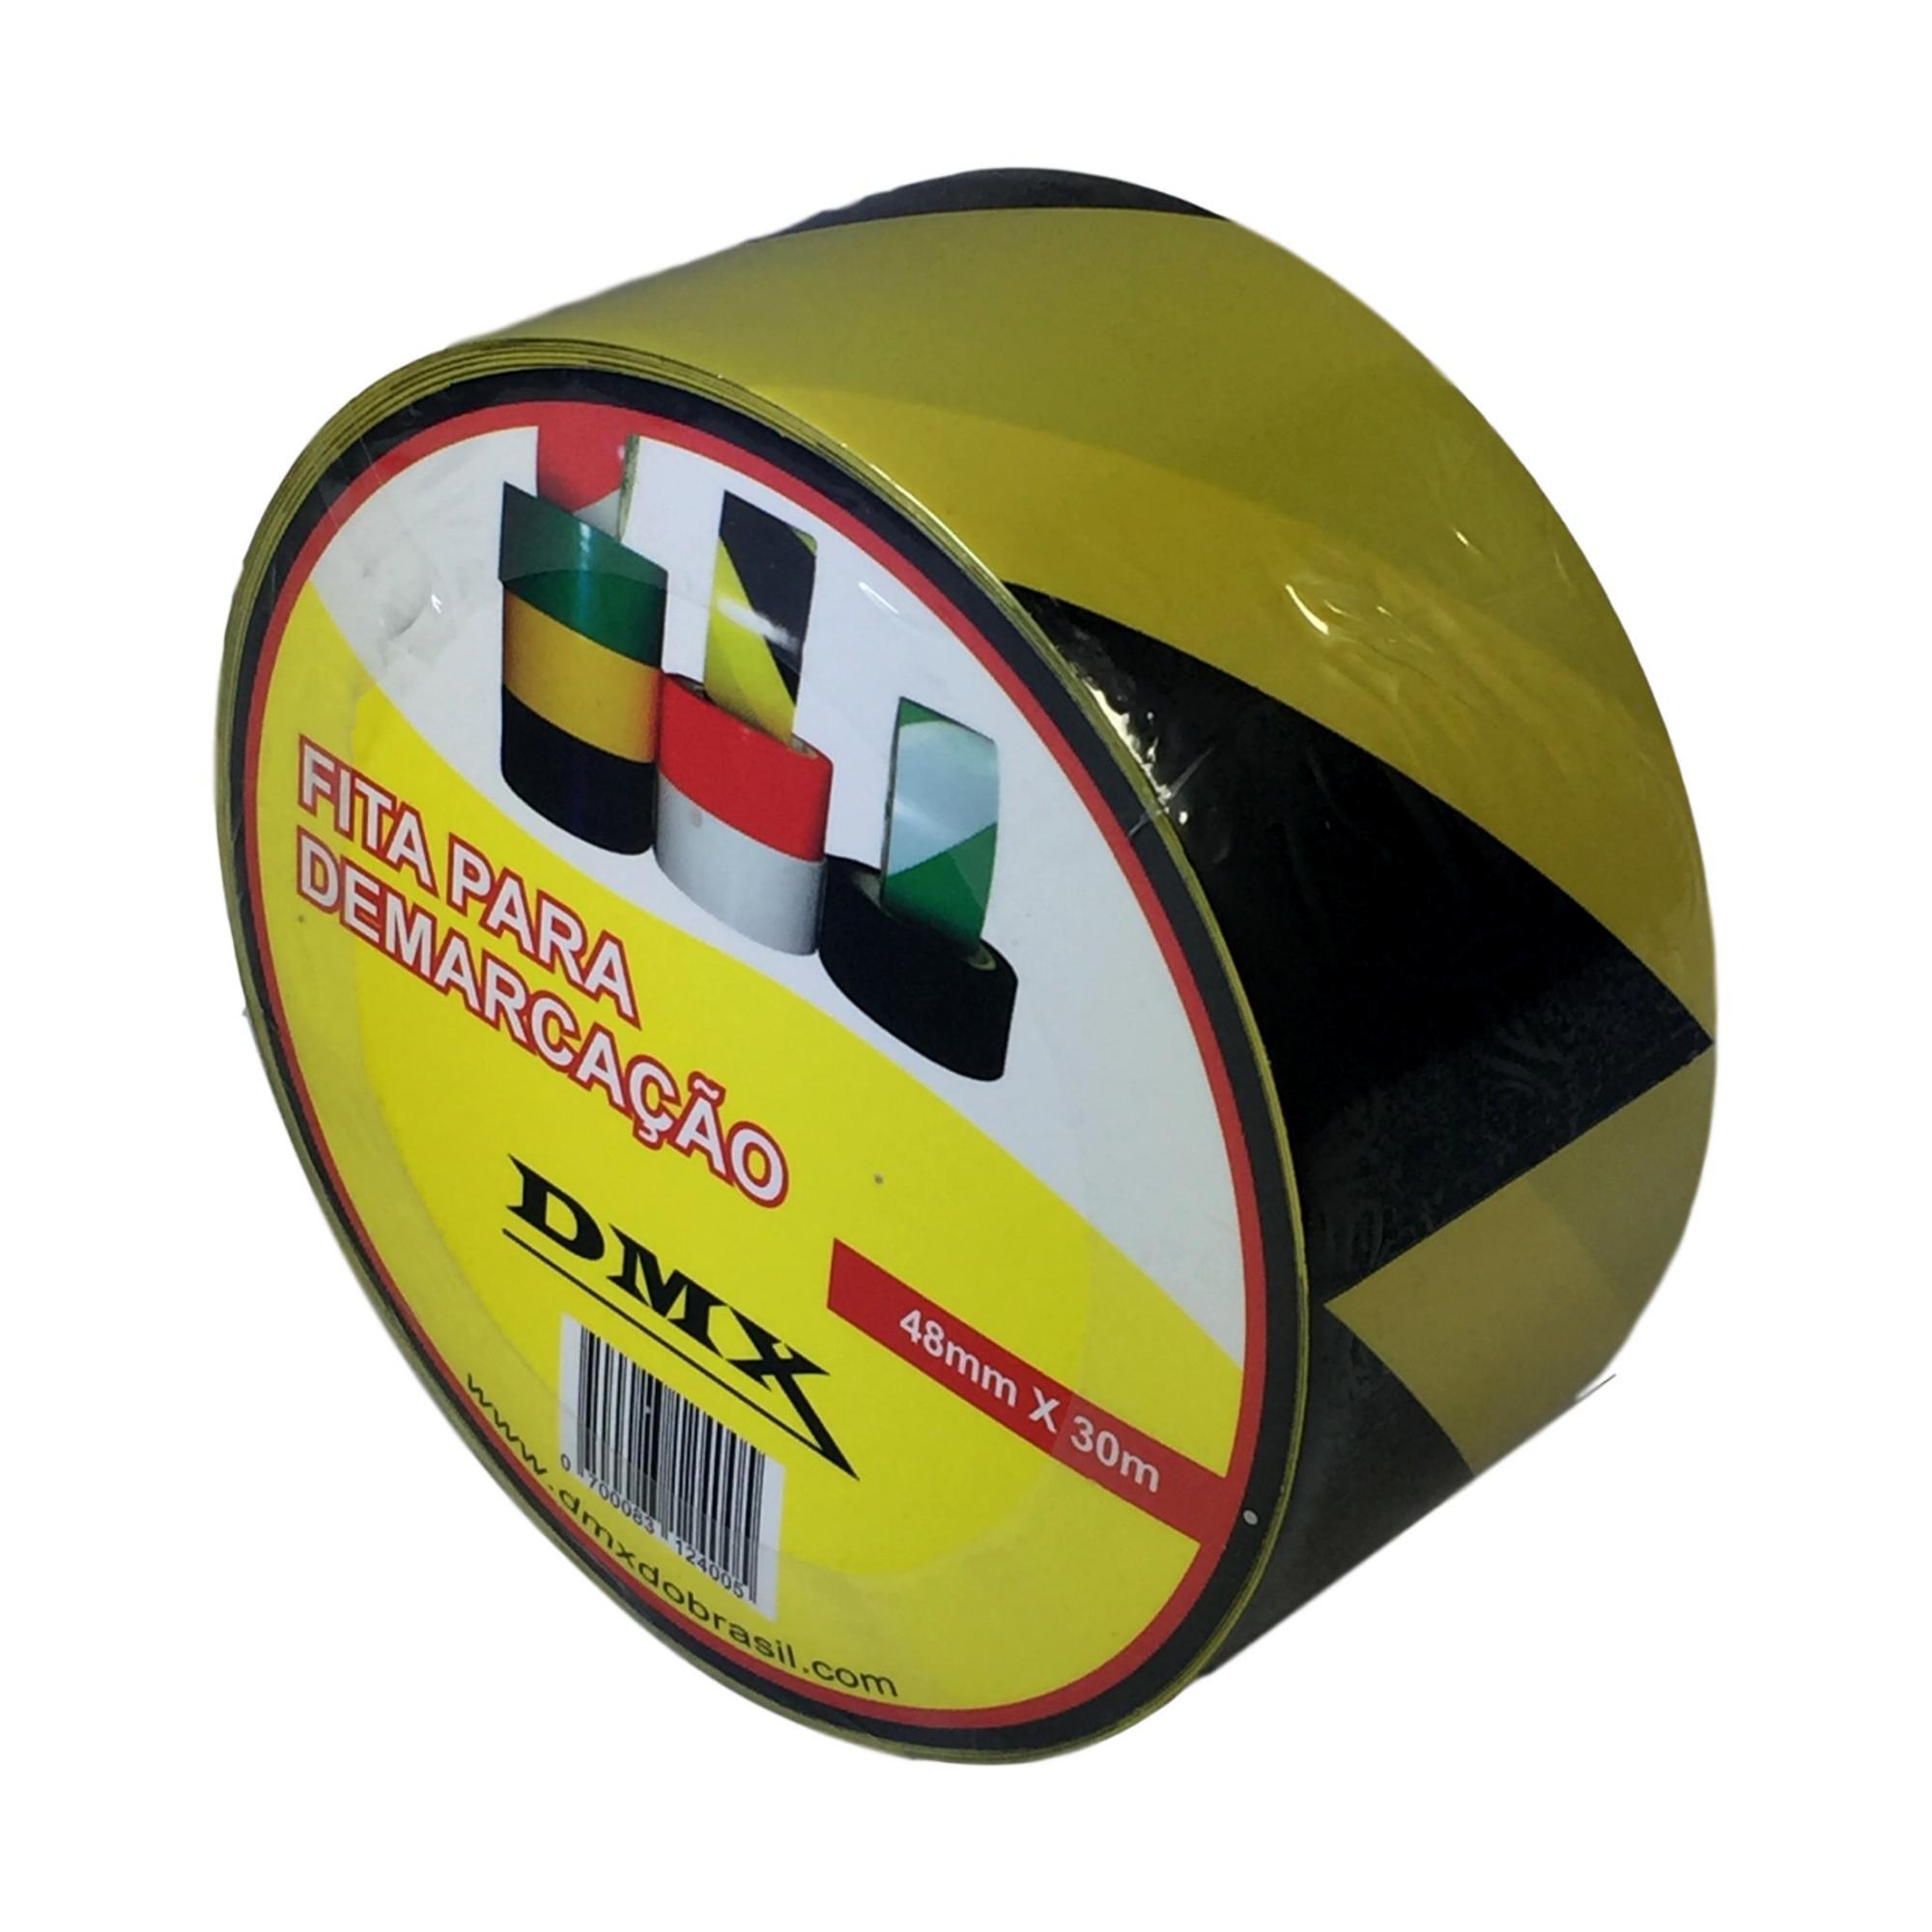 FITA ADESIVA DE DEMARCAÇÃO PISO, BLINDEX PRETO/AMARELO 48MM X 30MTS - PLASTCOR  - DE PAULA EPIS